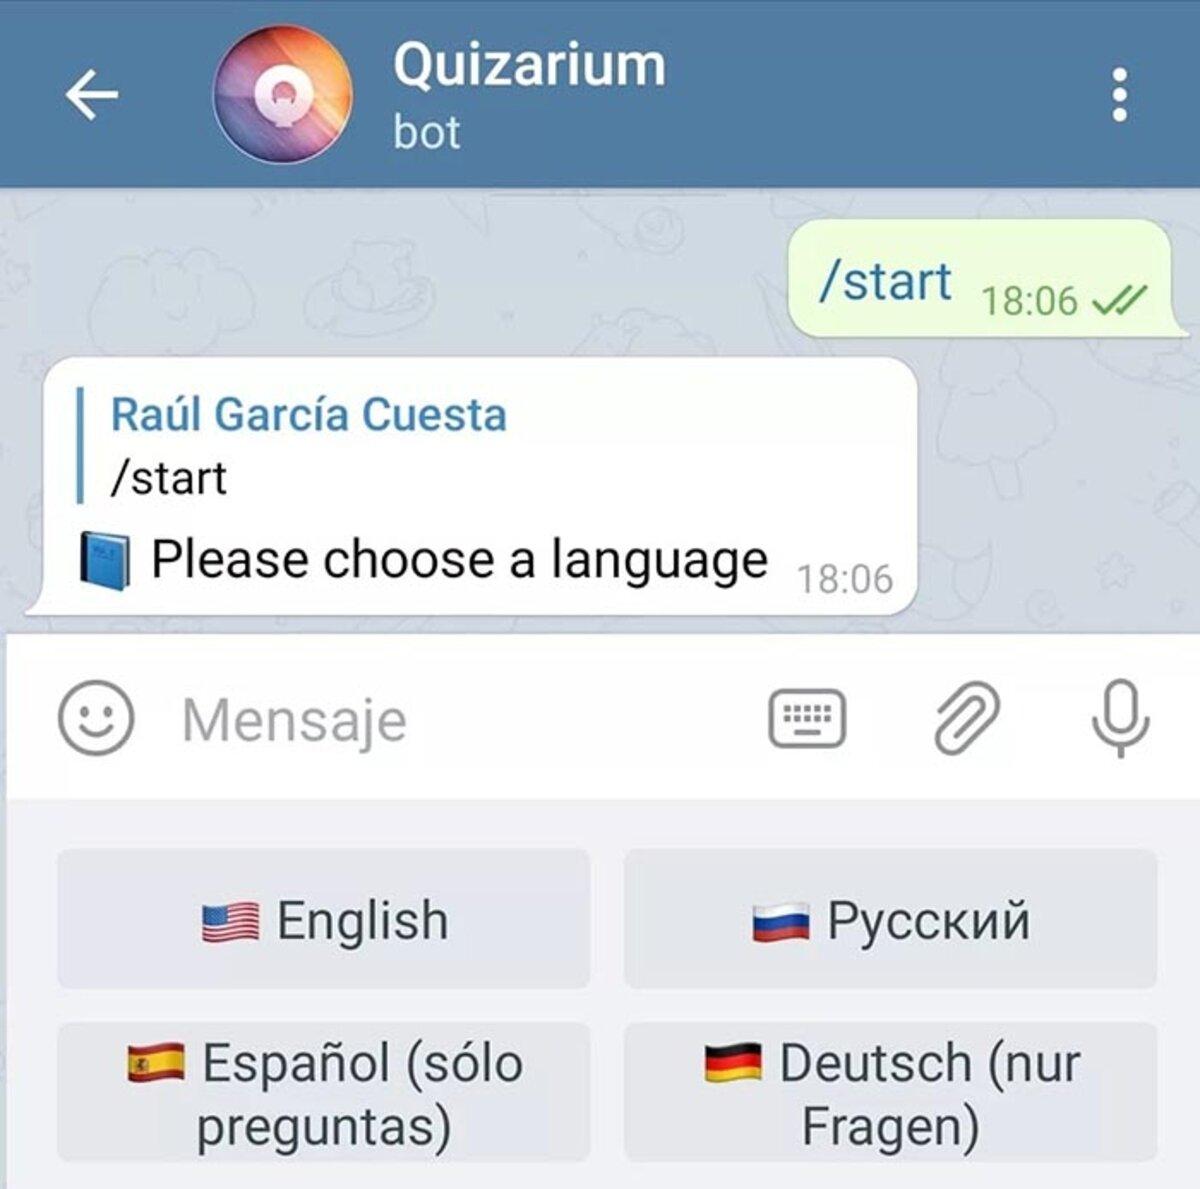 Quizarium